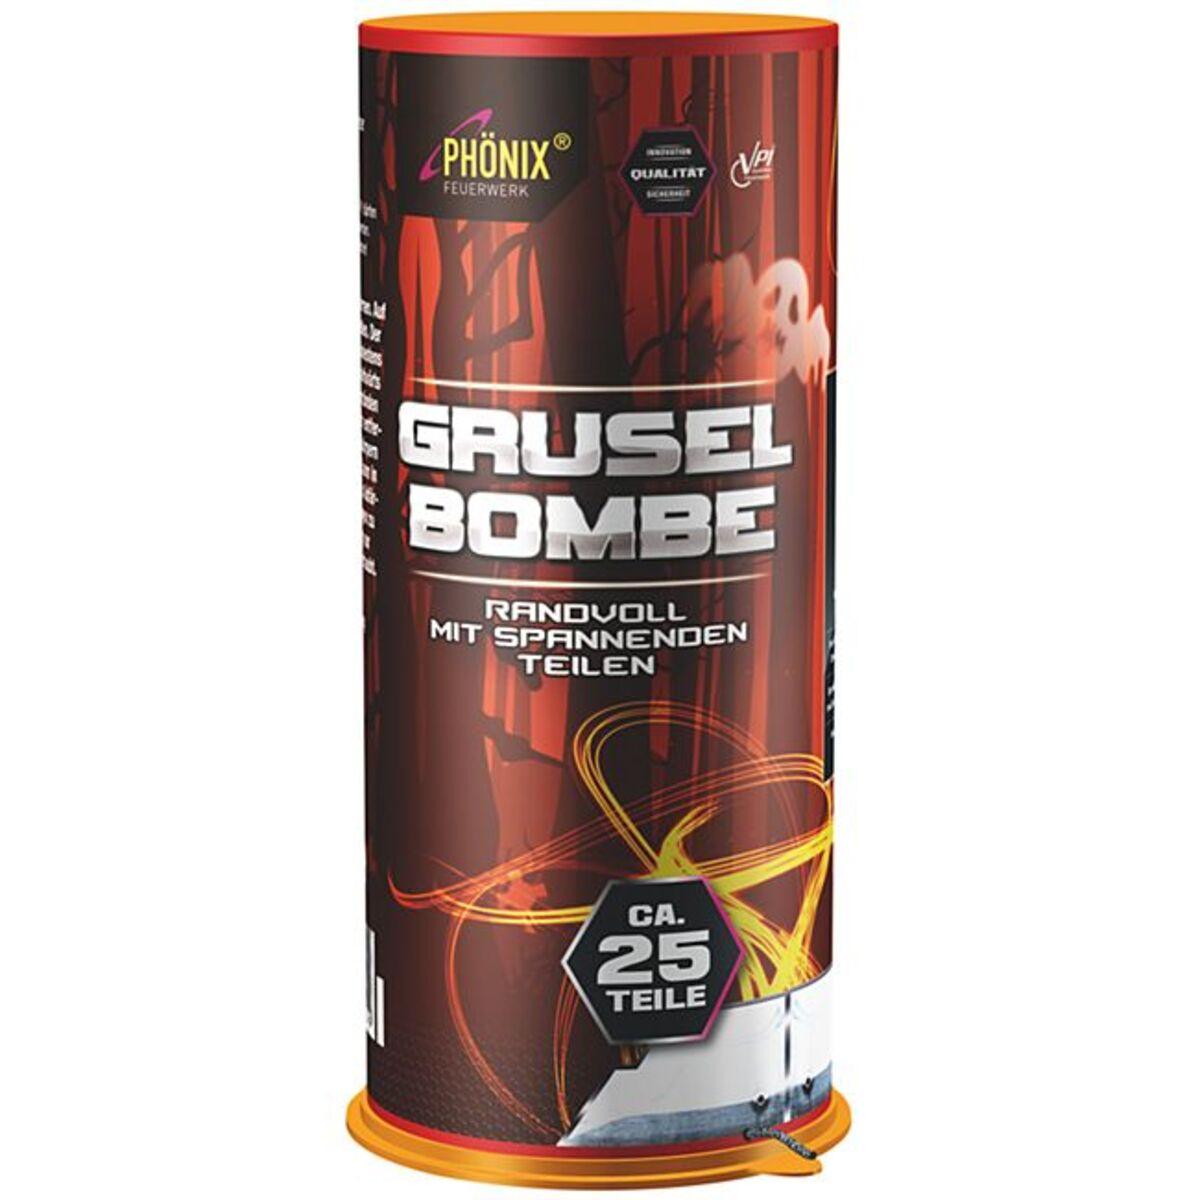 Bild 1 von Gruselbombe